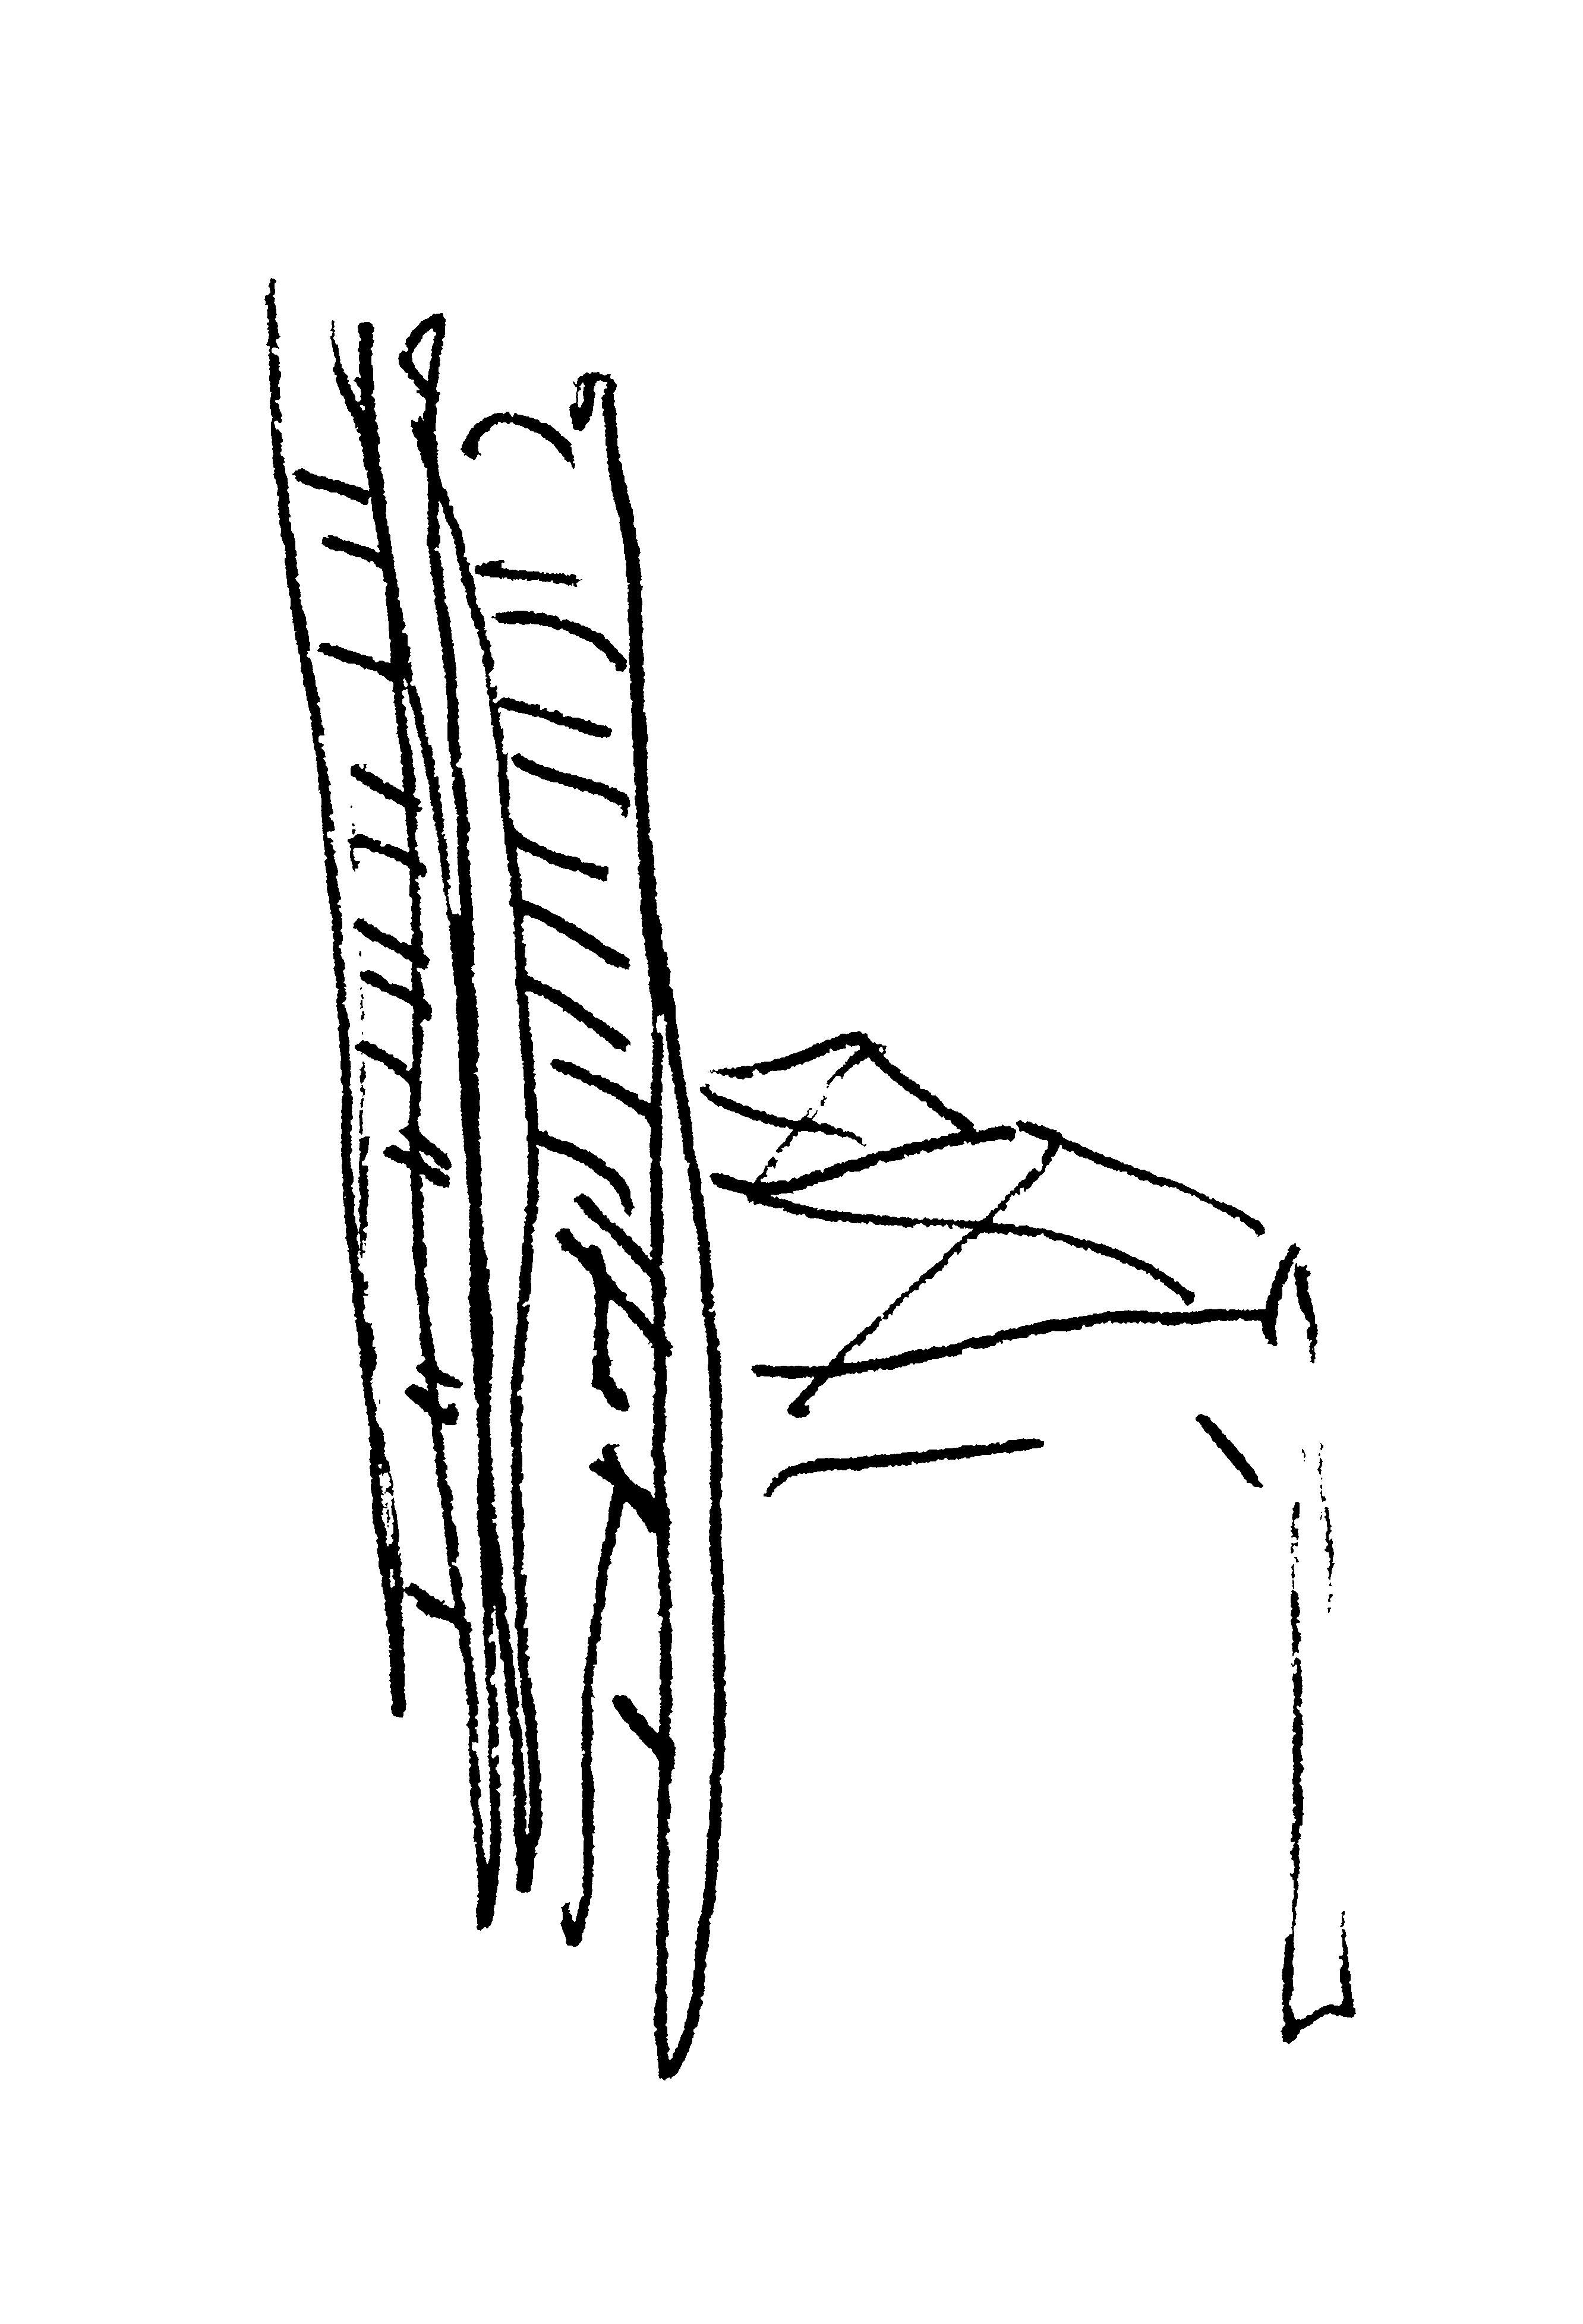 tekeningdiepenheim3